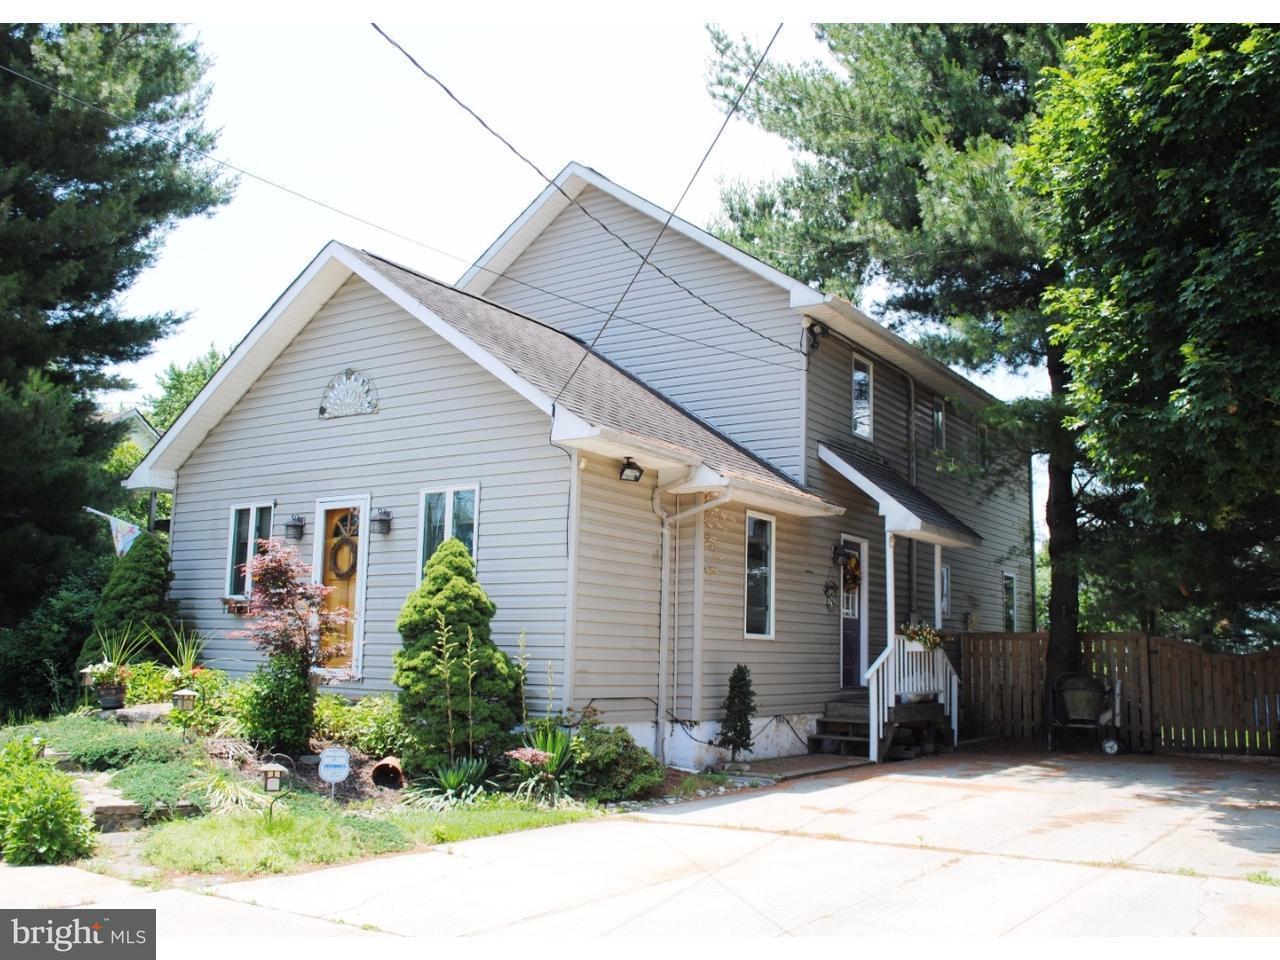 Maison unifamiliale pour l Vente à 101 LANSING Avenue Mercerville, New Jersey 08619 États-UnisDans/Autour: Hamilton Township